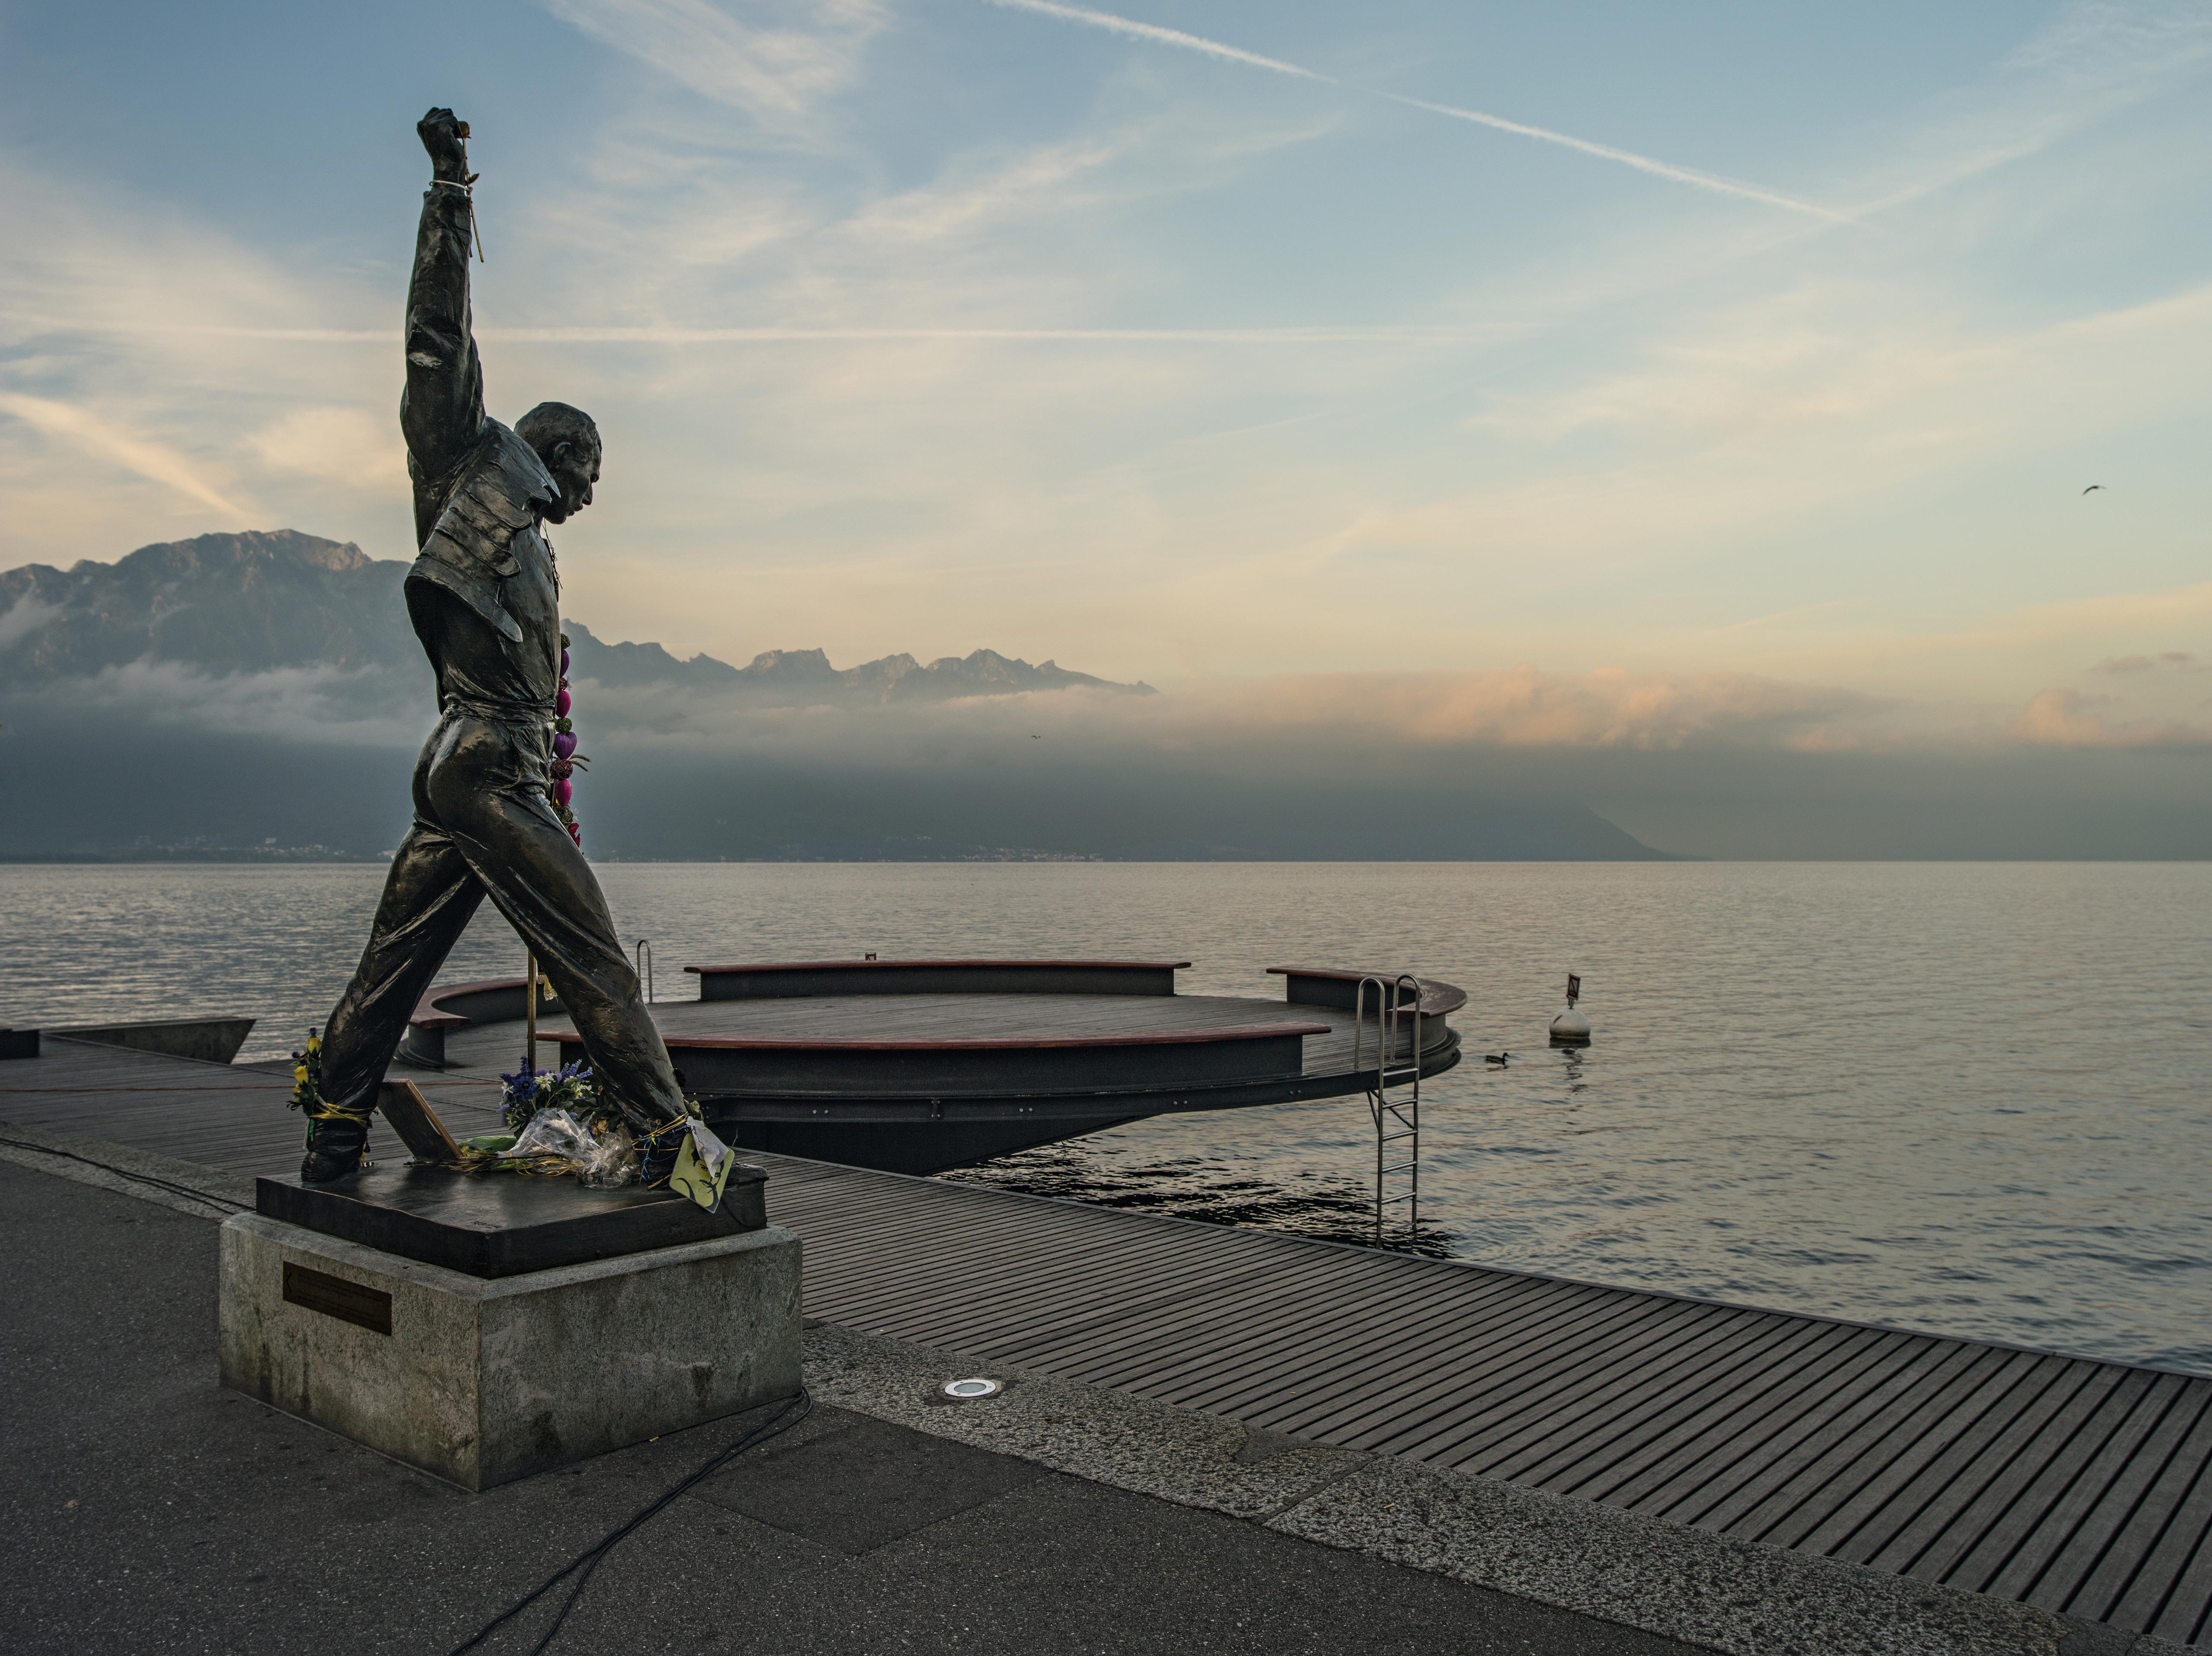 Schweiz. ganz natuerlich. Statue von Freddie Mercury in Montreux. Switzerland. get natural. Statue of Freddie Mercury in Montreux. Suisse. tout naturellement. Statue de Freddie Mercury a Montreux. Copyright by: Switzerland Tourism - By-Line: swiss-image.ch / Markus Buehler-Rasom